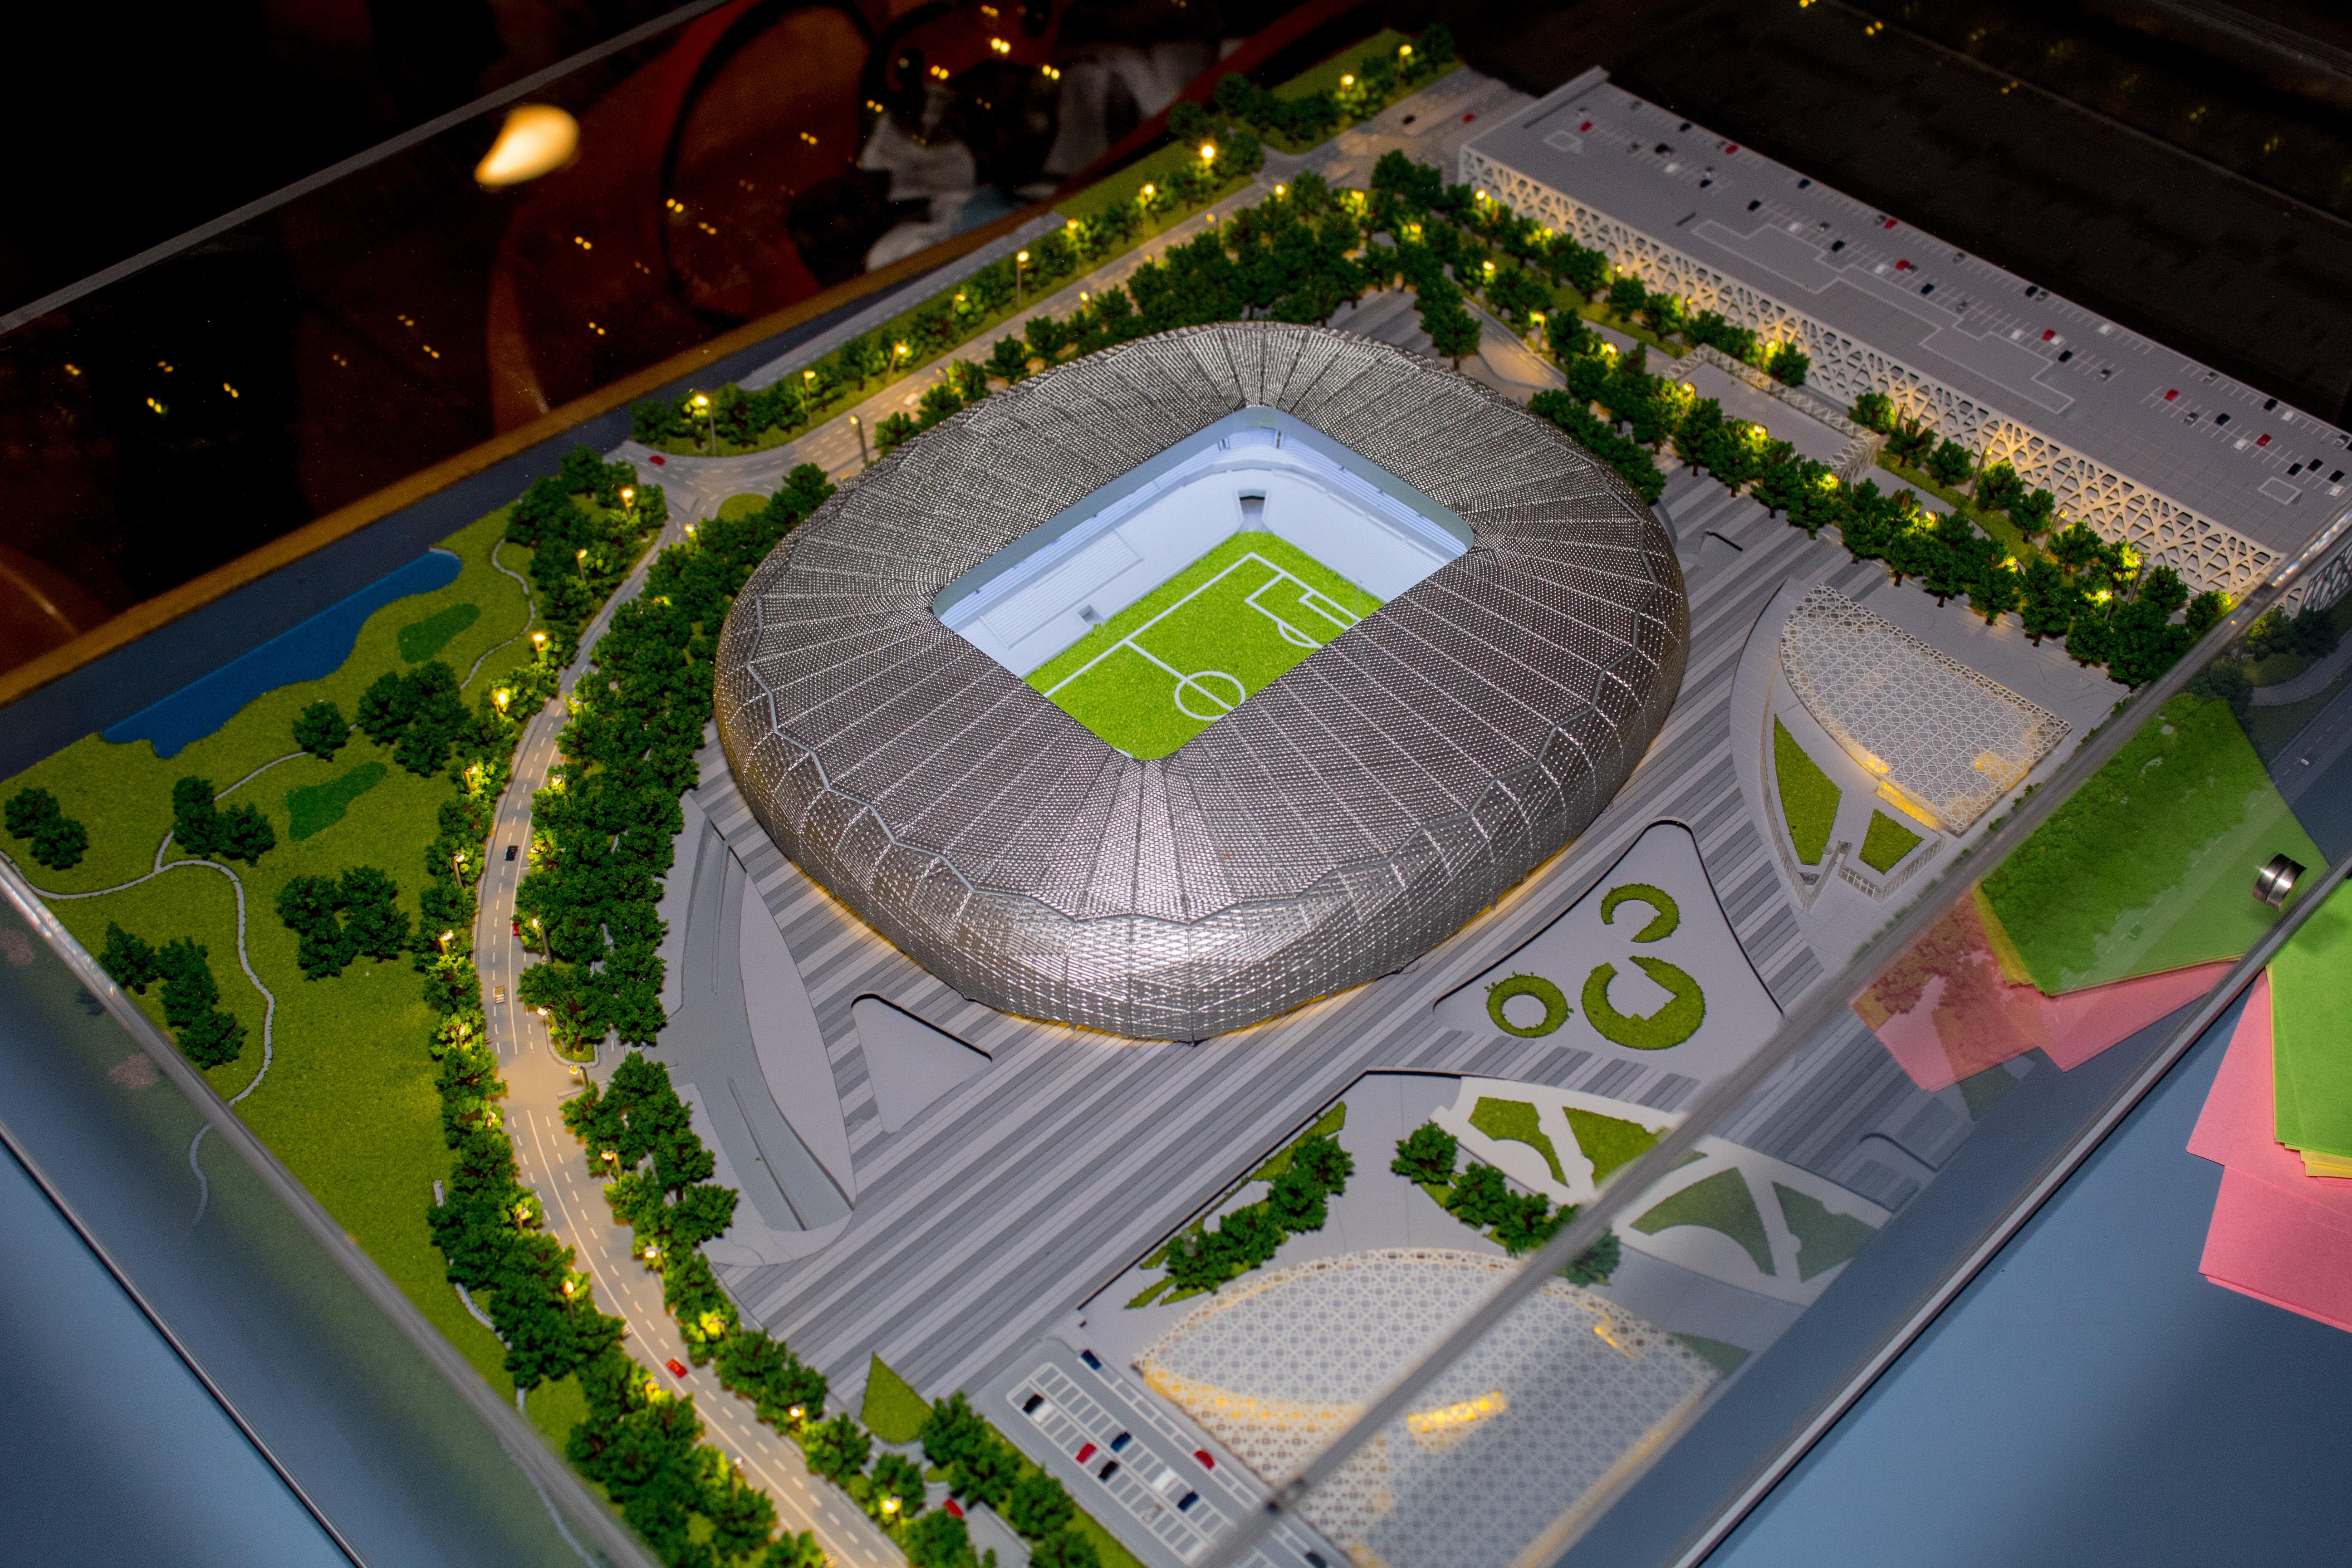 La maqueta del estadio